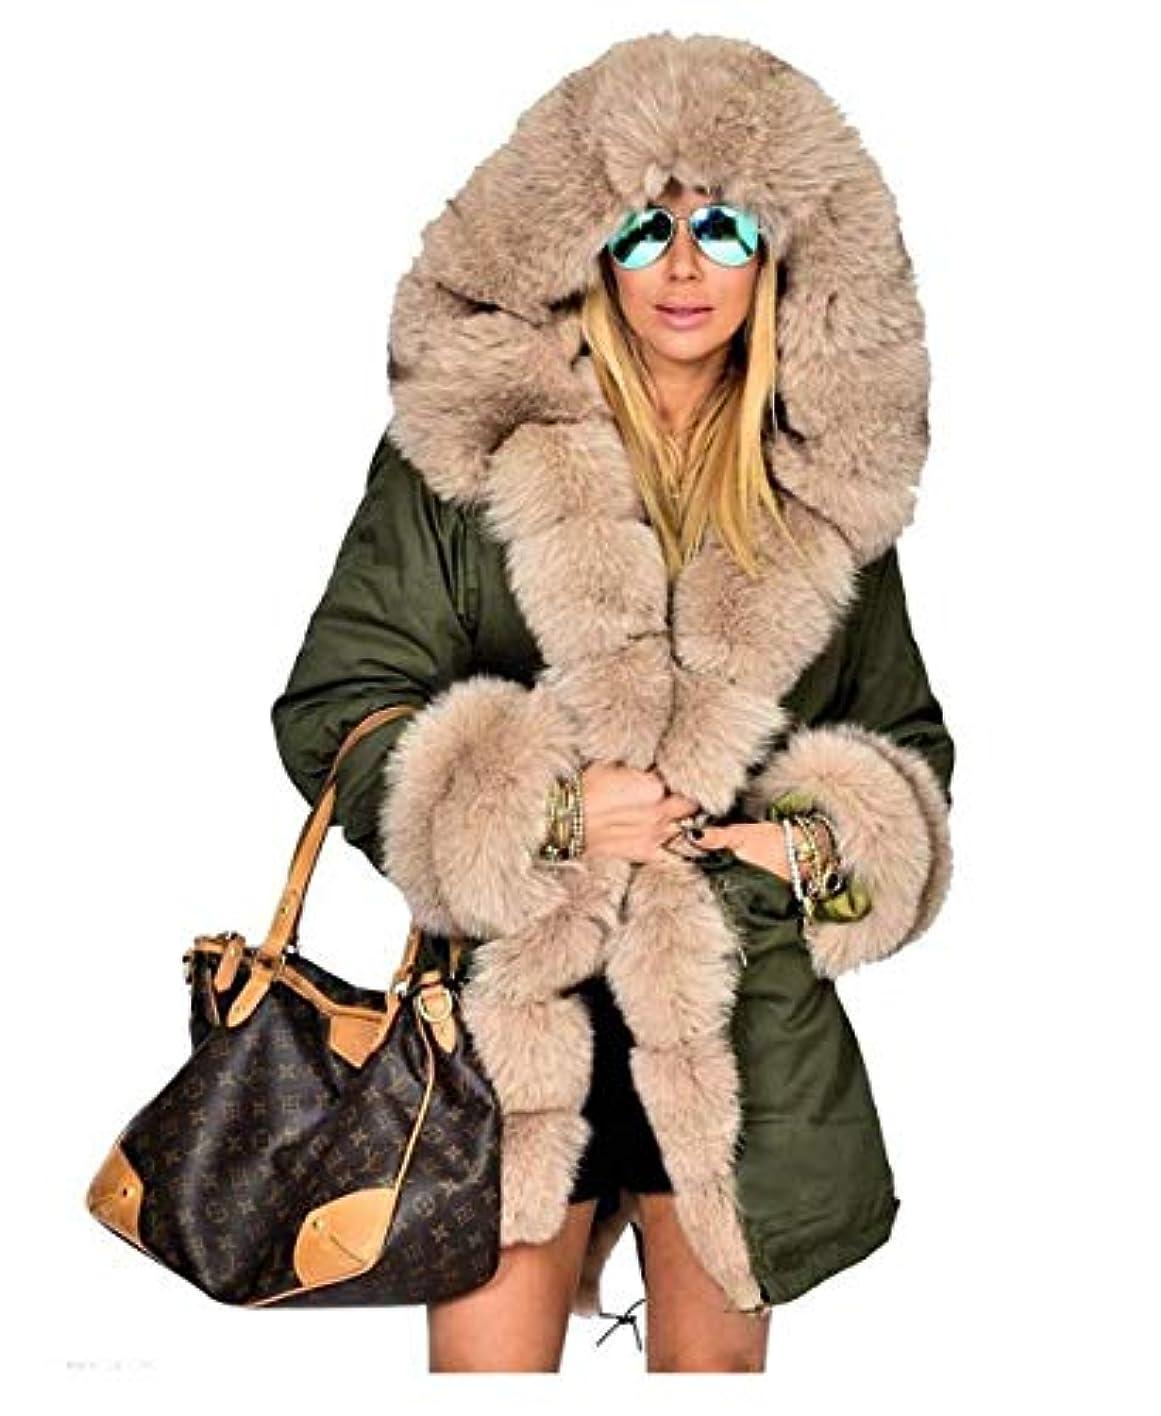 カーフ統治する長さ女性ウィンターコートファーフード付きジャケット女性ロングコットンカジュアルコートレディースウォームウィンターパーカー女性オーバーコート,S